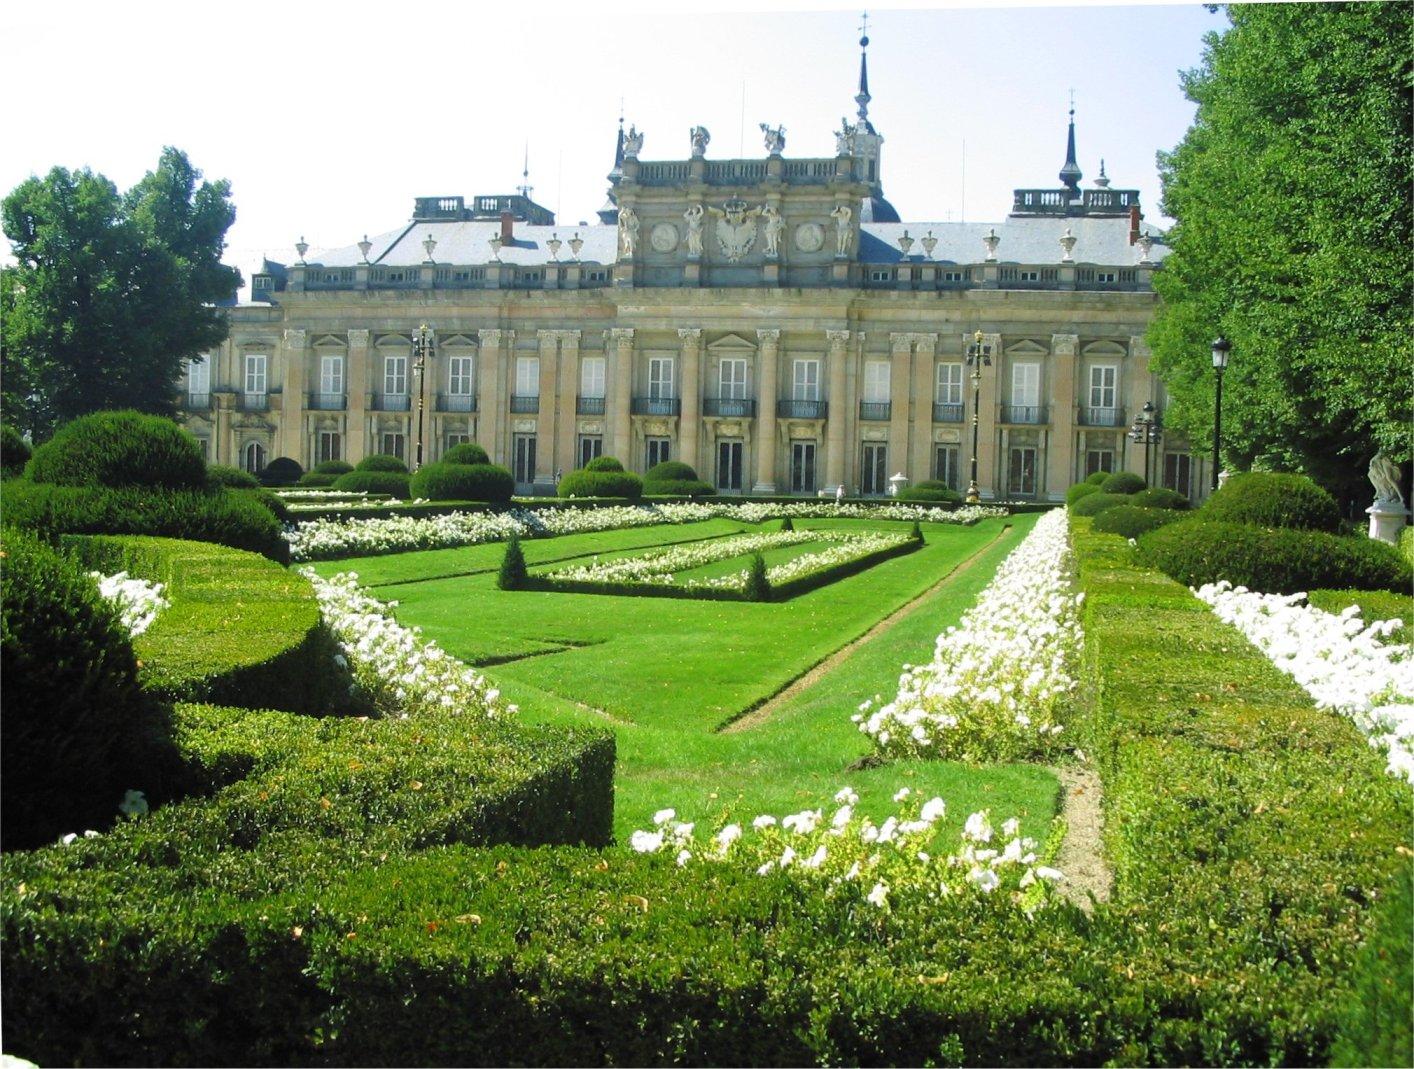 San Ildefonso y el palacio real de La Granja. El Pequeño Versalles del rey (2...